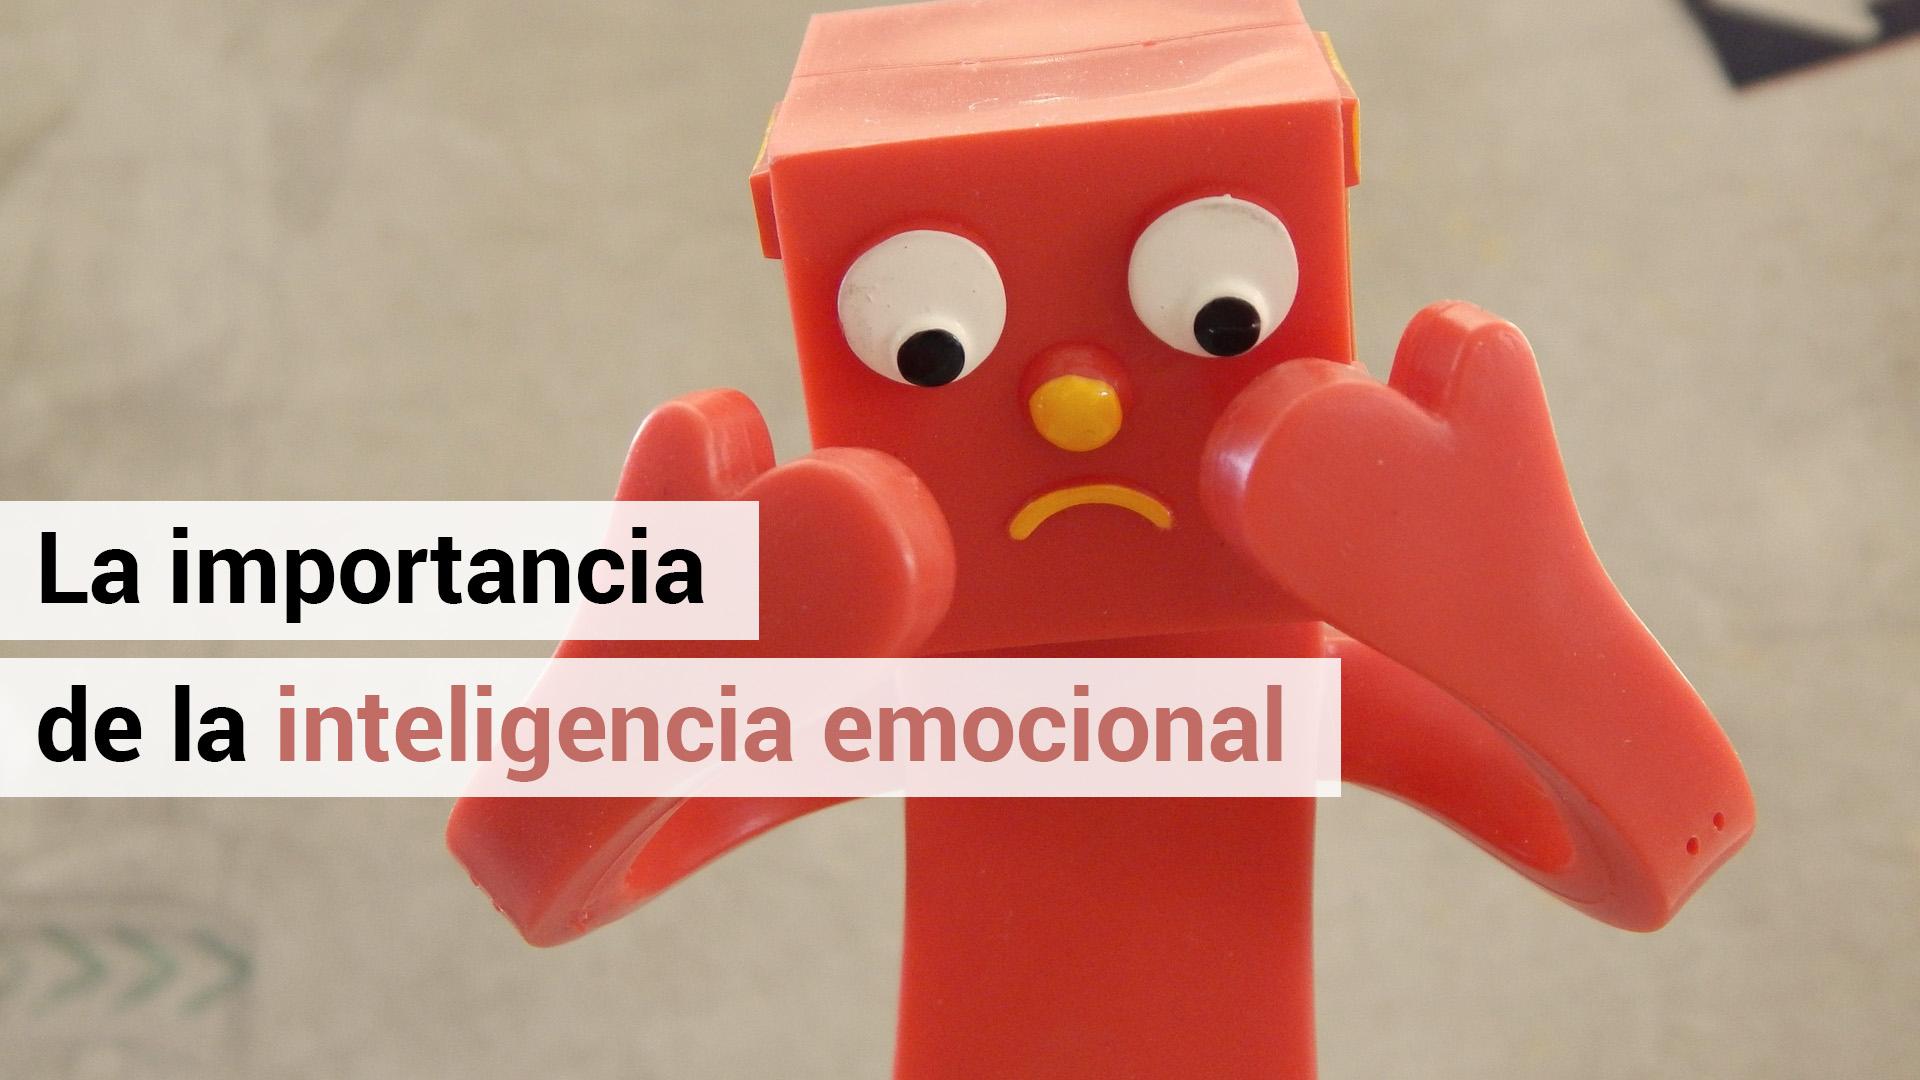 Inteligencia emocional, la clave del éxito empresarial